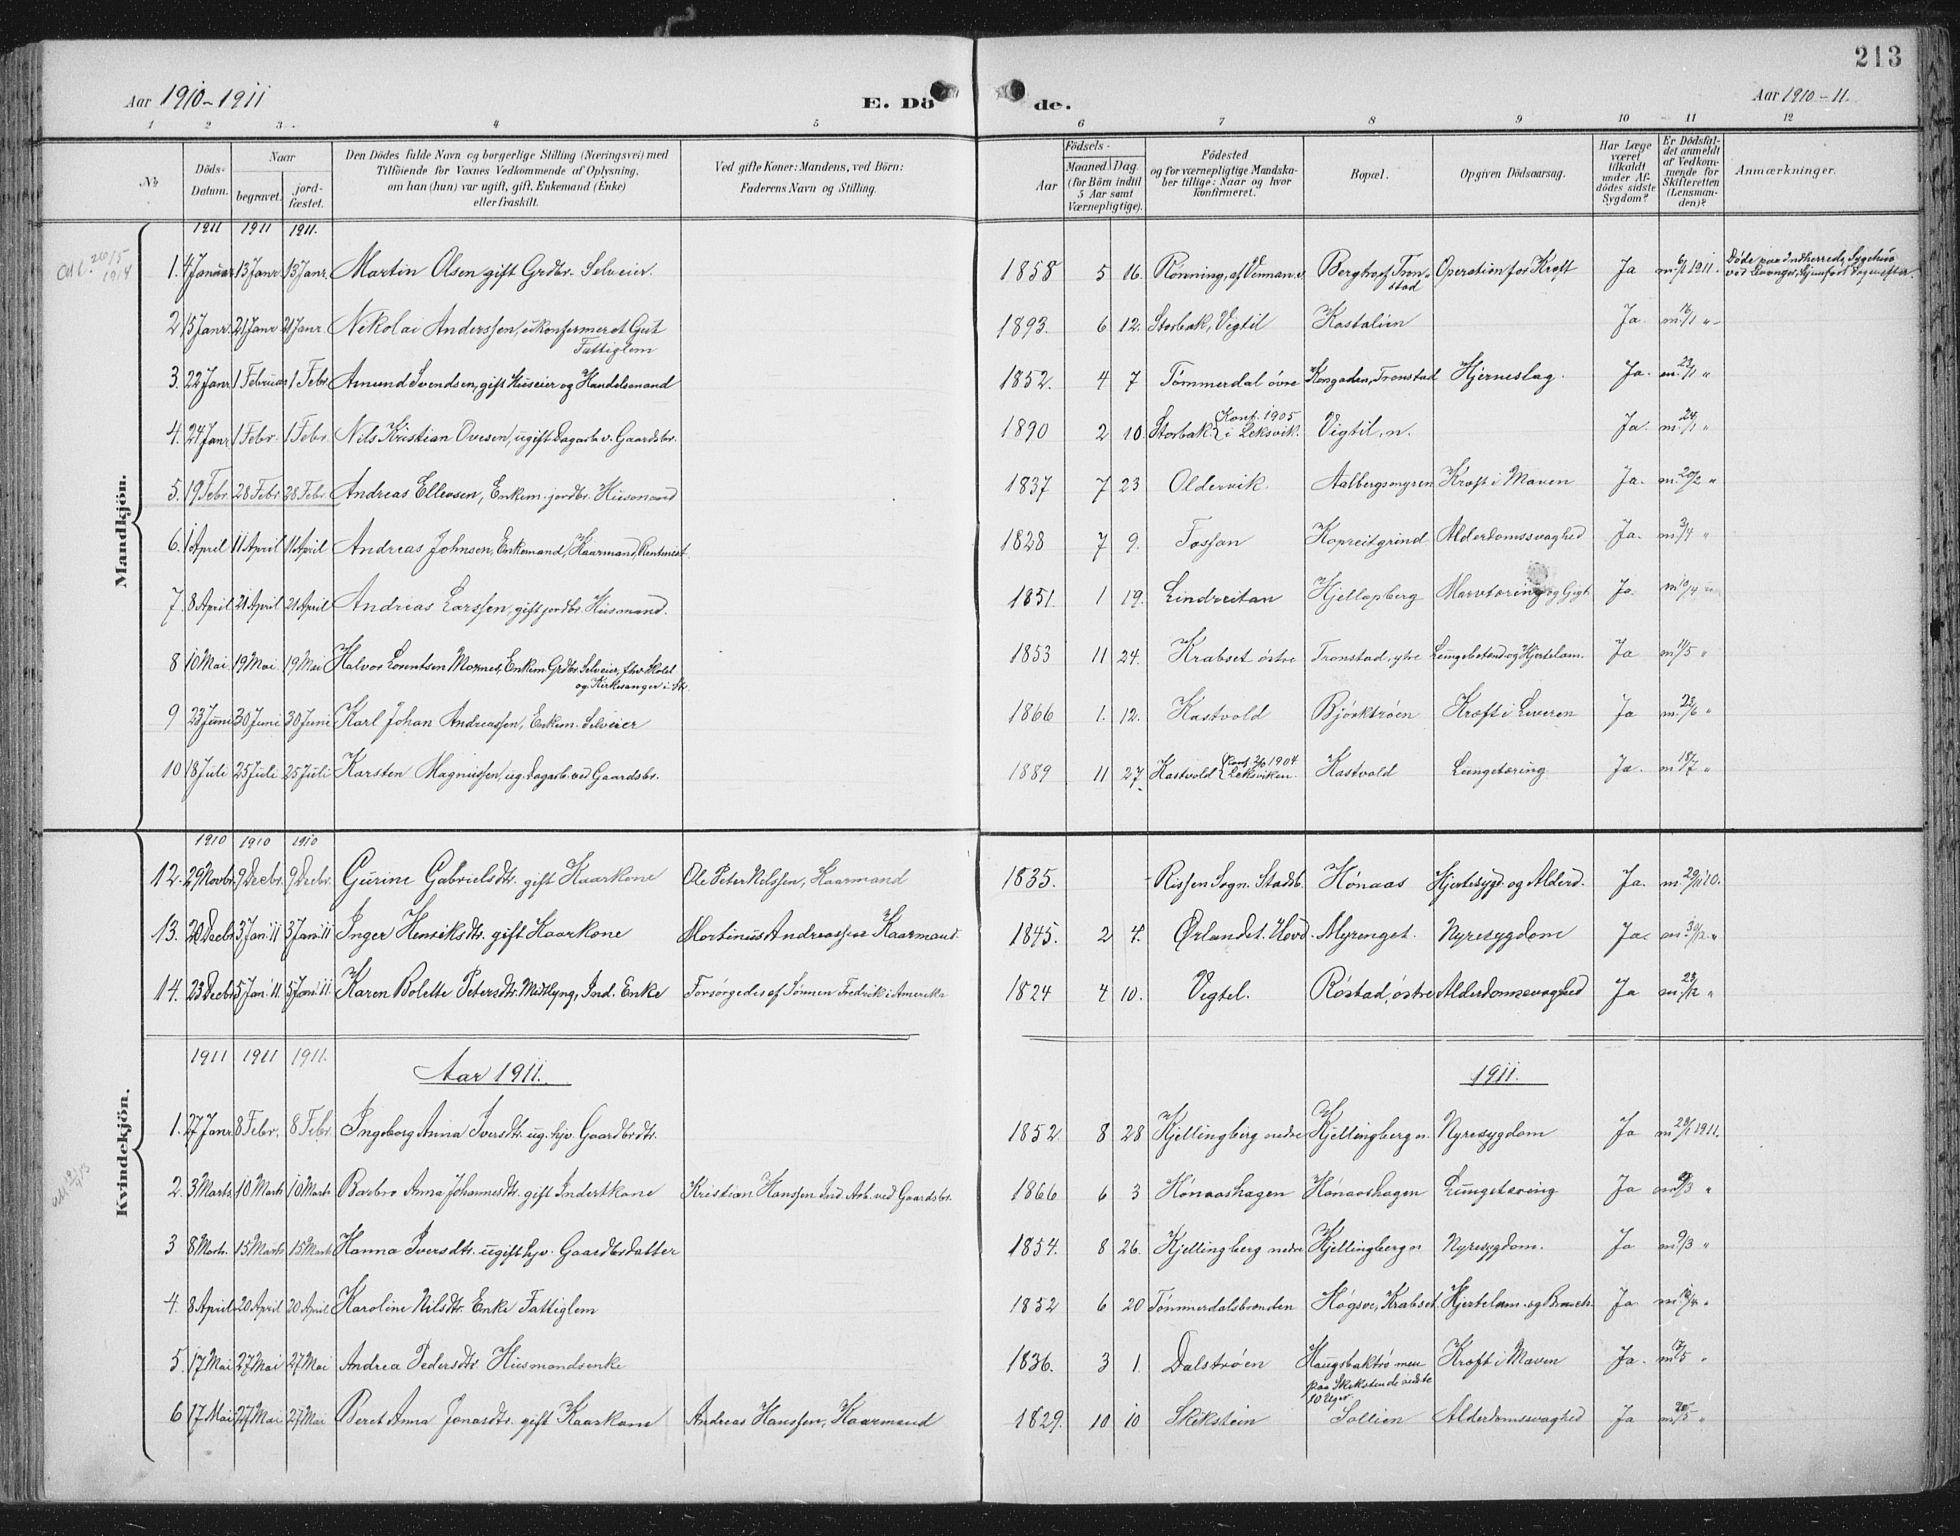 SAT, Ministerialprotokoller, klokkerbøker og fødselsregistre - Nord-Trøndelag, 701/L0011: Ministerialbok nr. 701A11, 1899-1915, s. 213